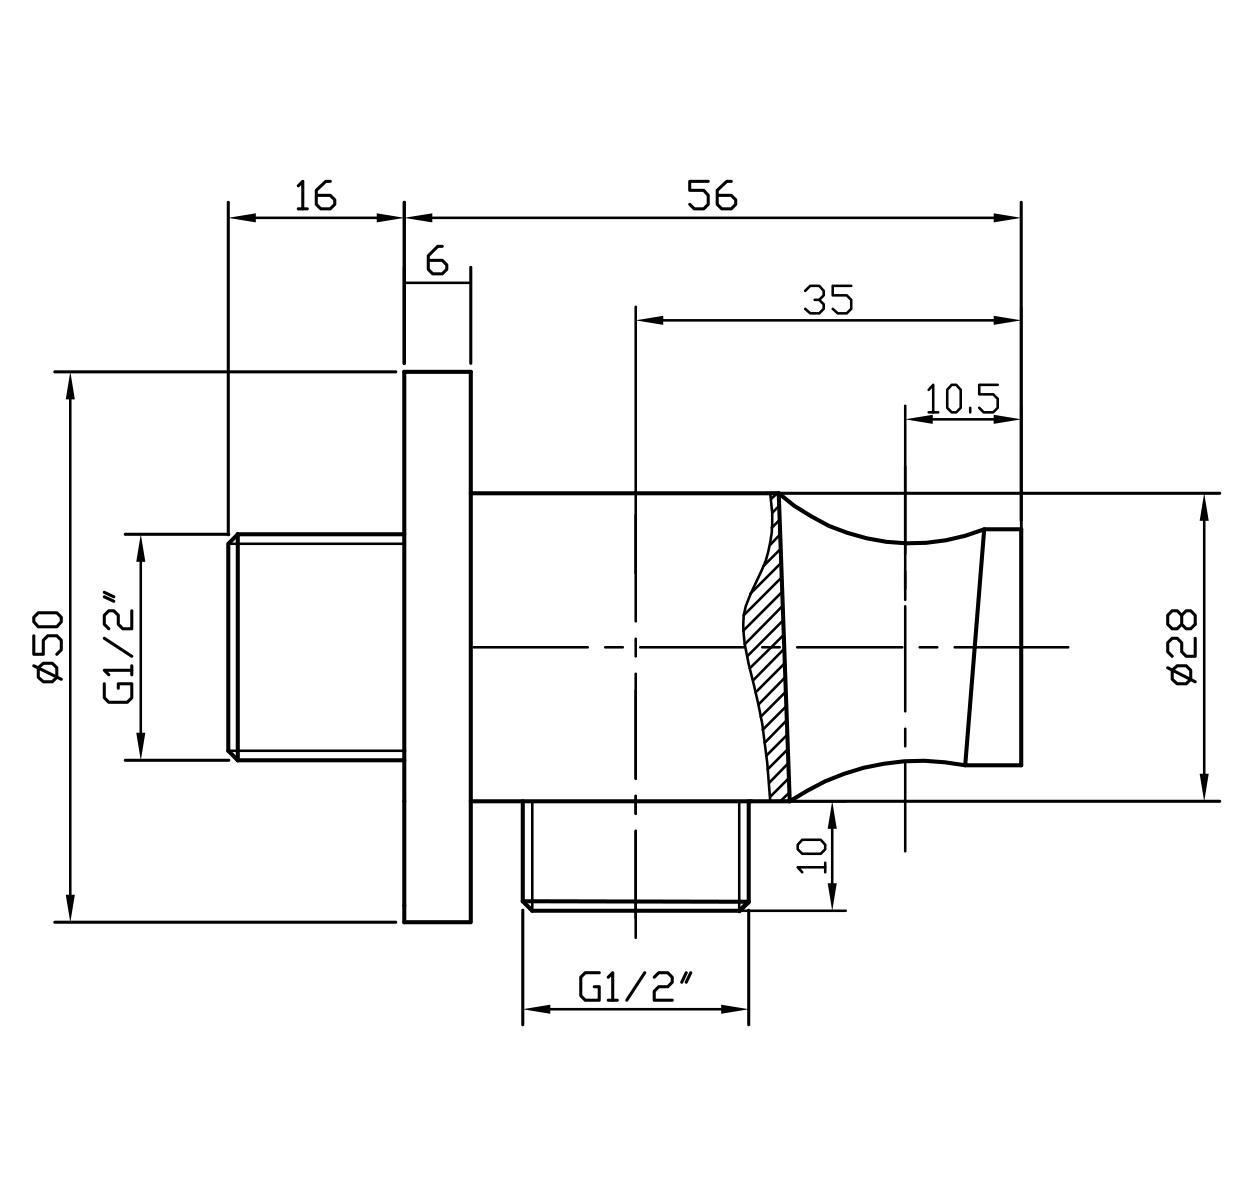 Wandanschlussbogen mit Brausehalter BA003 - Zeichnung